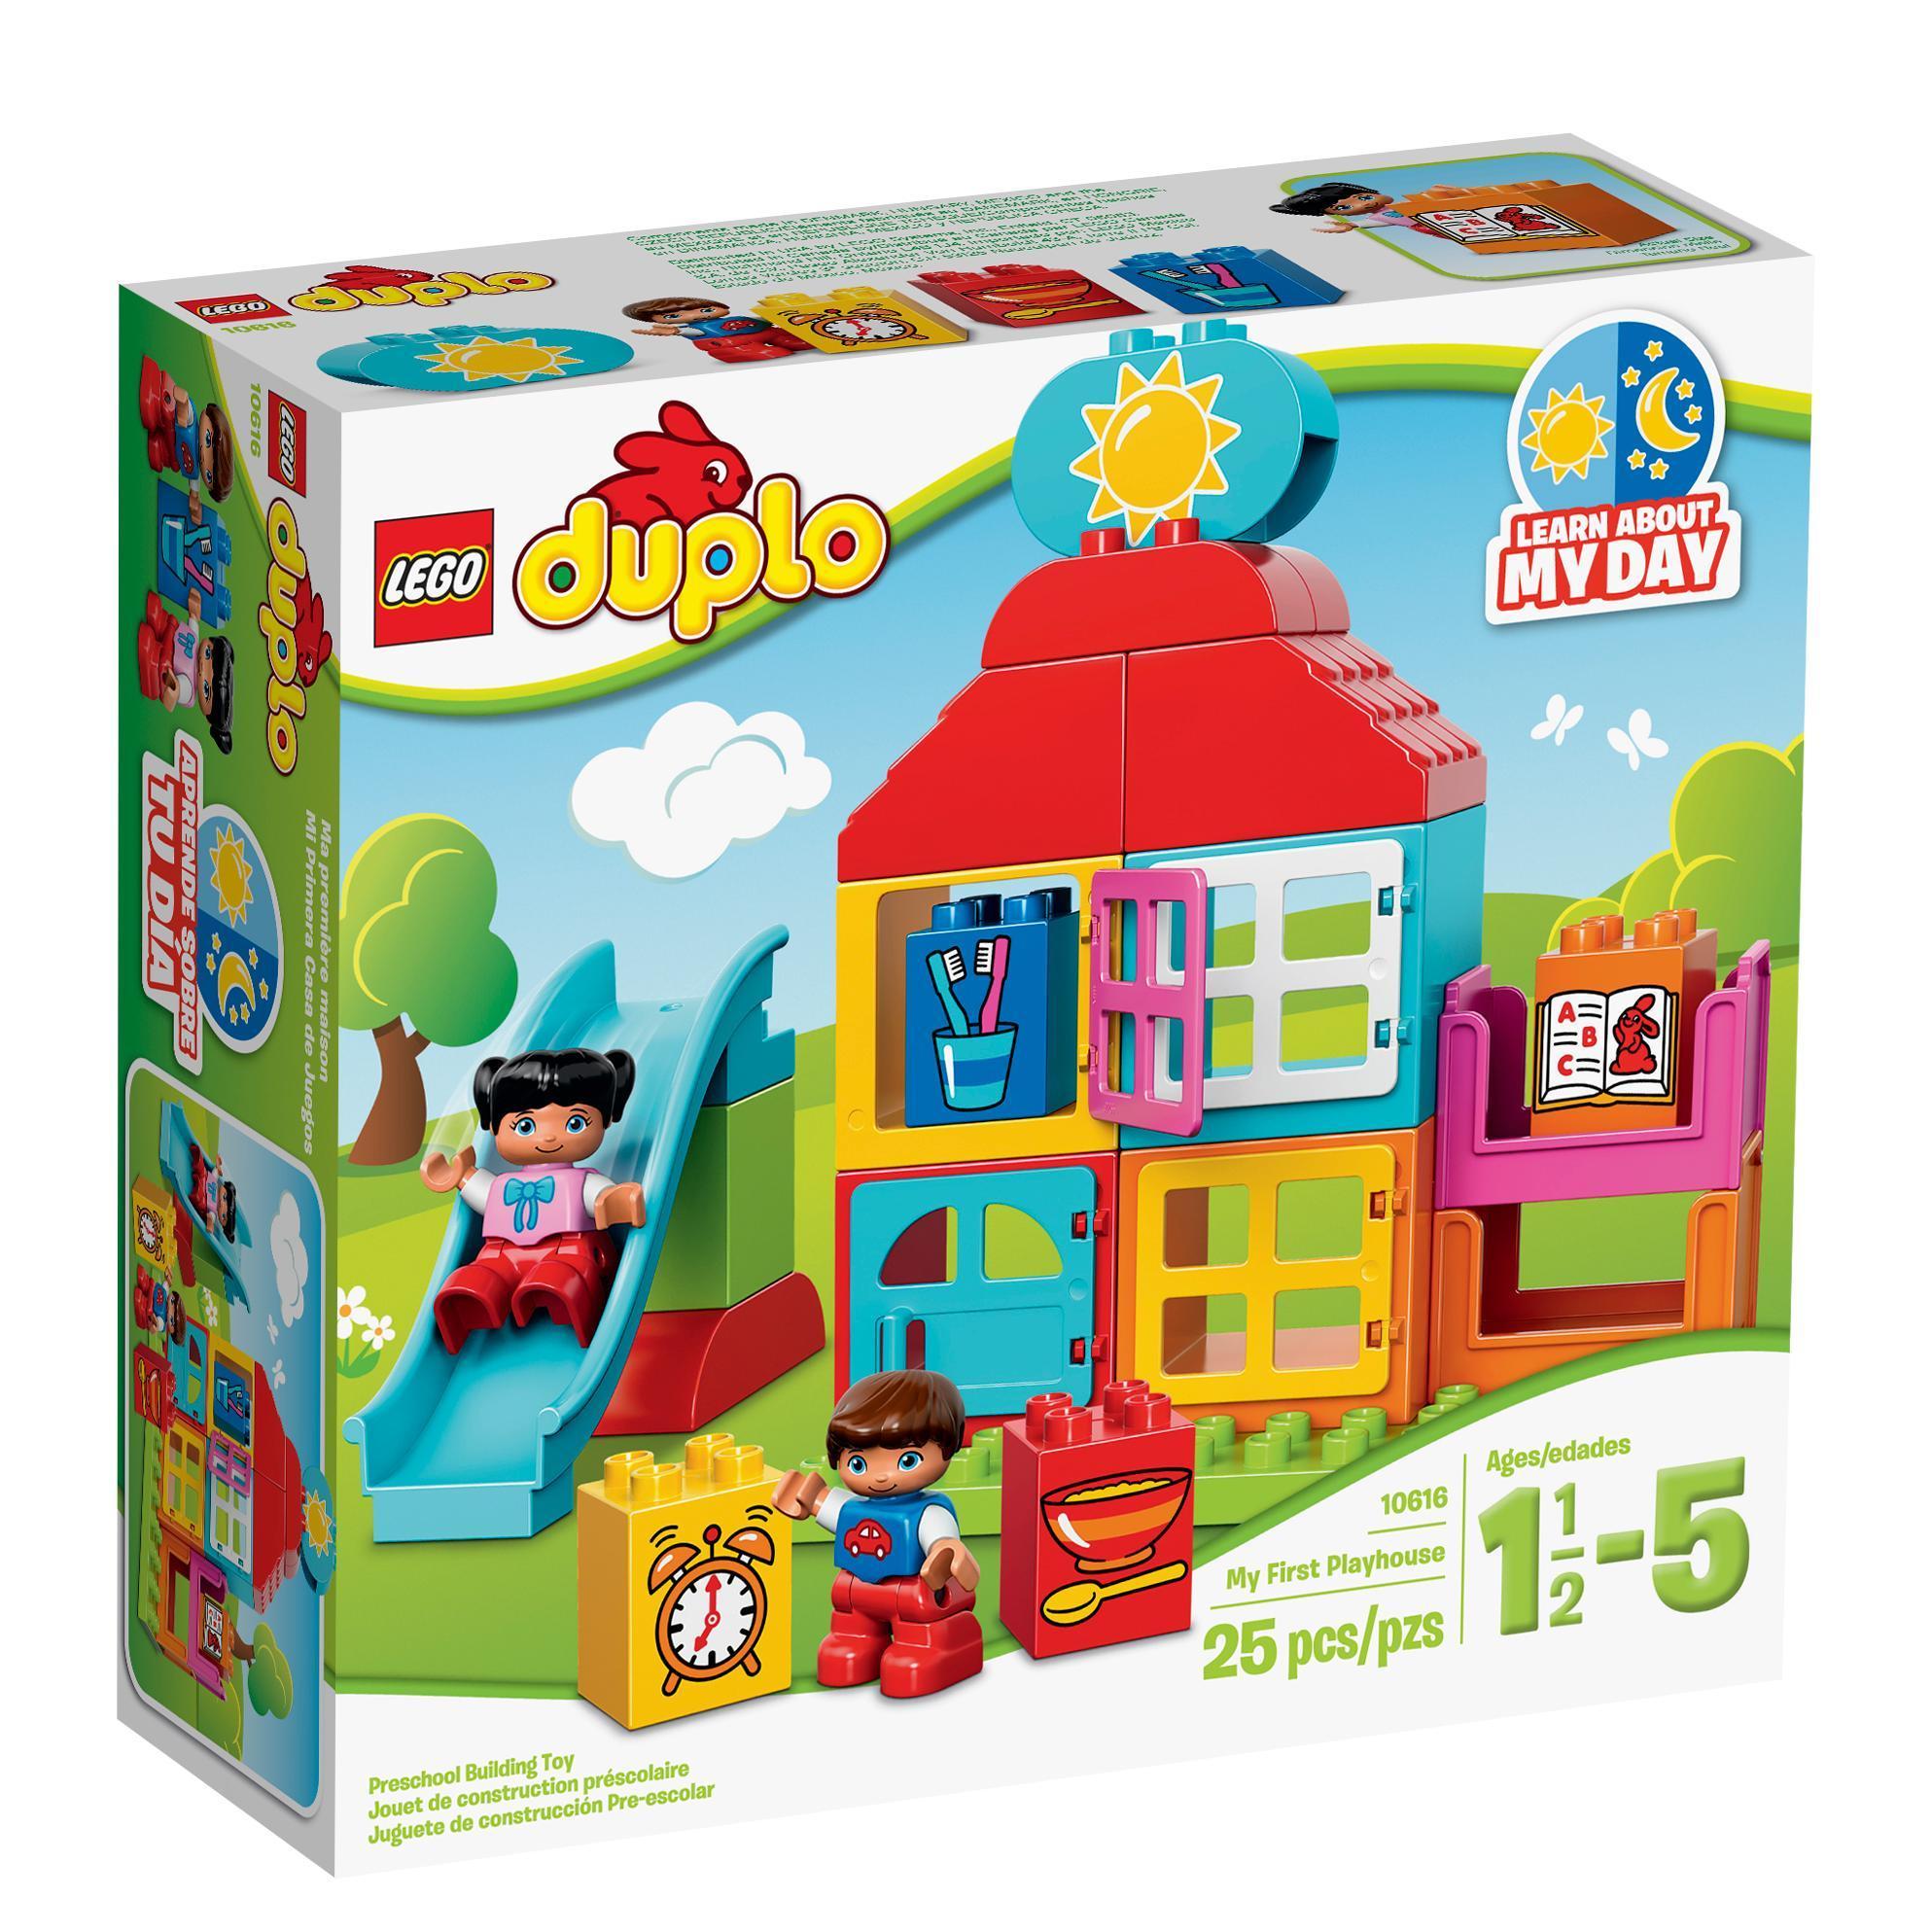 s Duplo LEGO Duplo Mi Primer Tractor 12 Pieza Niño/niña 5 año Juegos de construcción s 1,5 año s